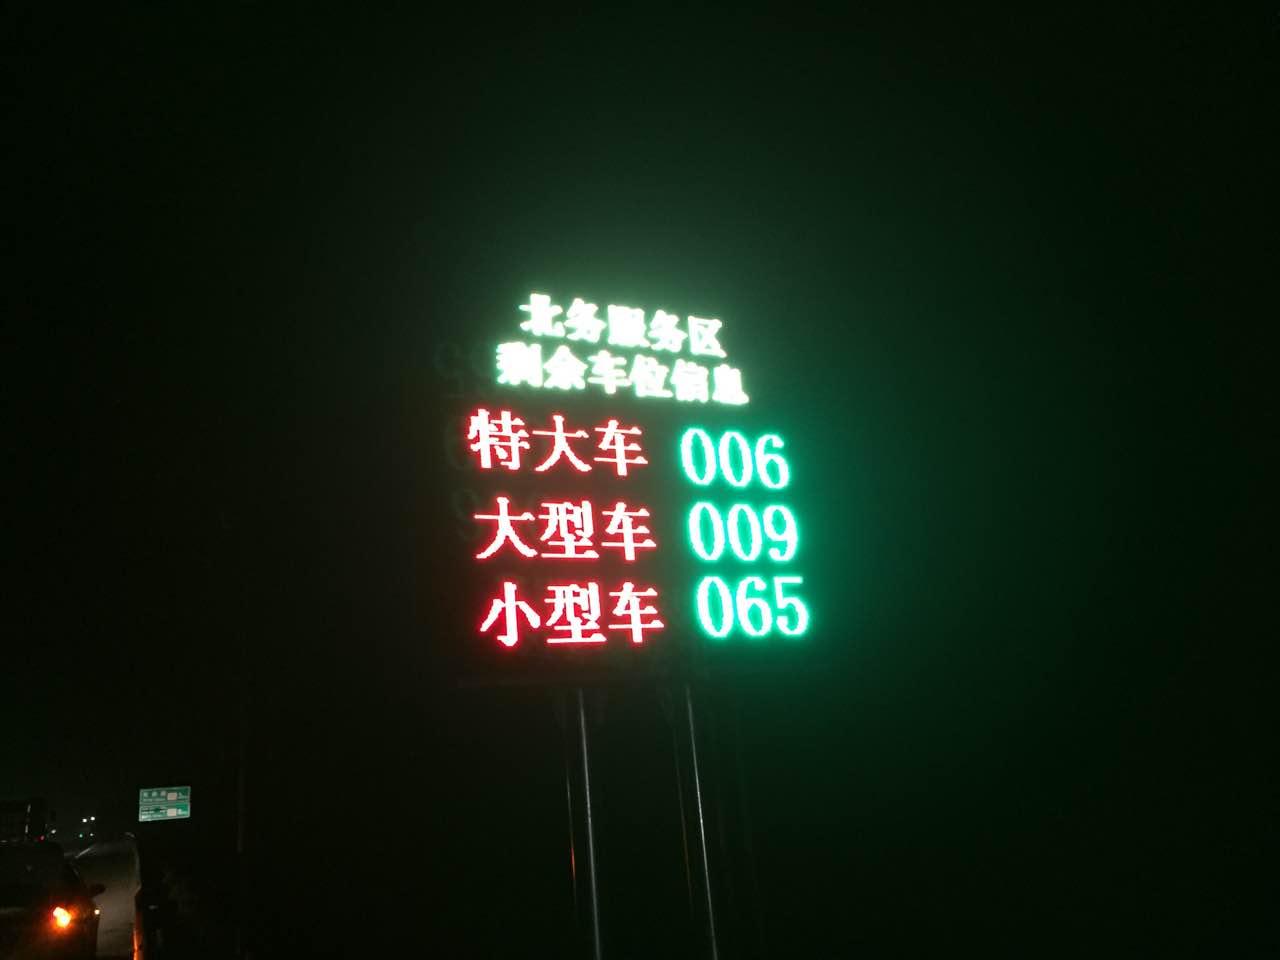 高速公路LED显示屏